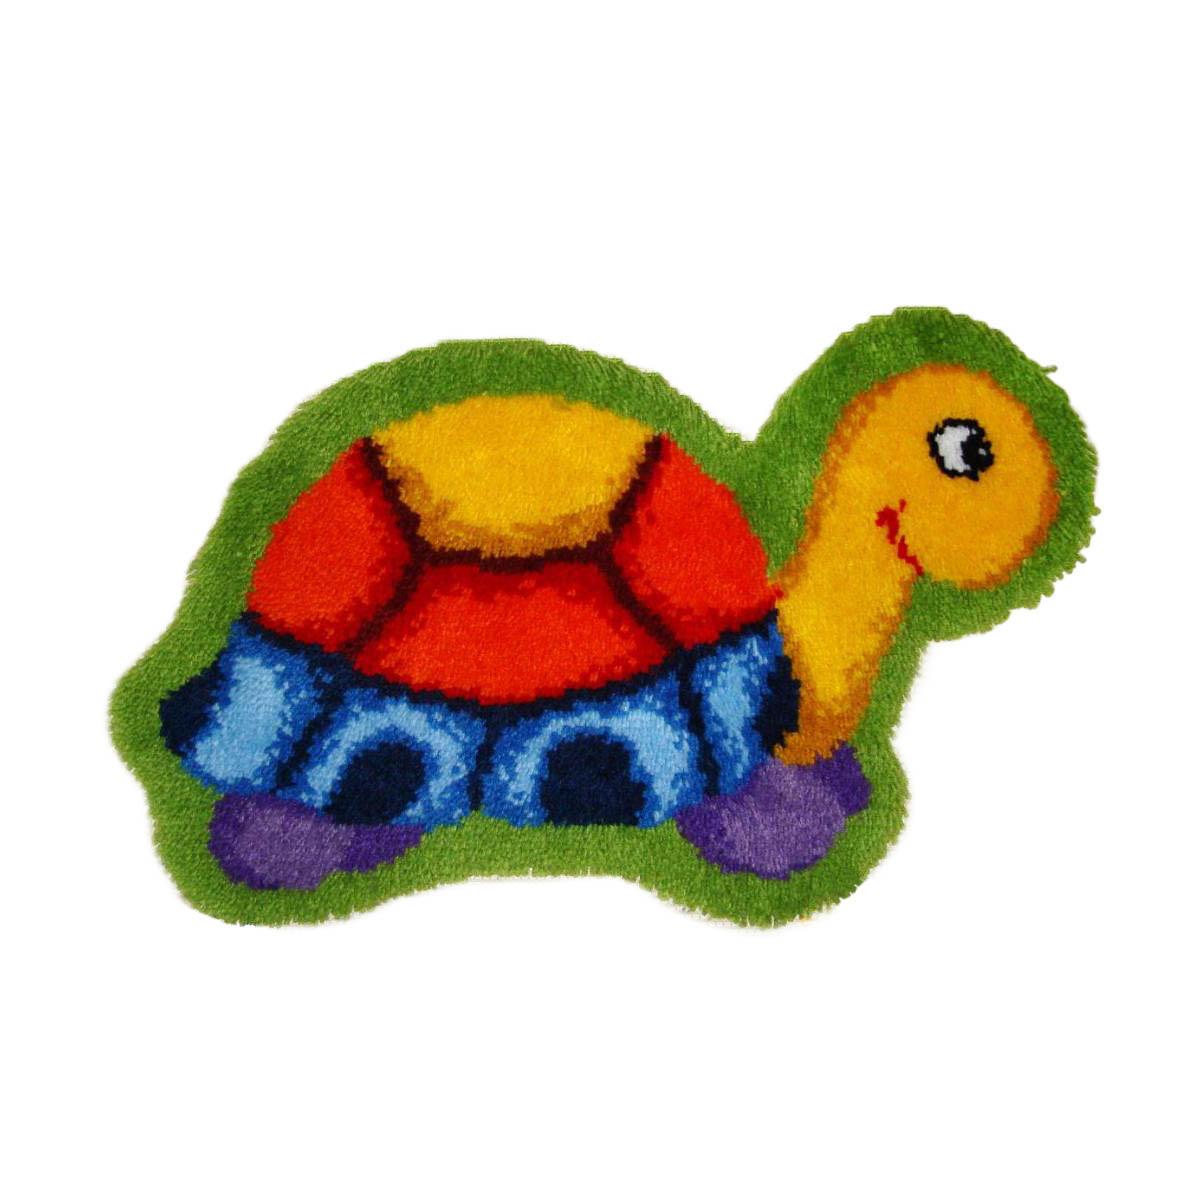 0014352-PN Коврик (ковровая техника) Vervaco 'Черепашка' 70x45 см